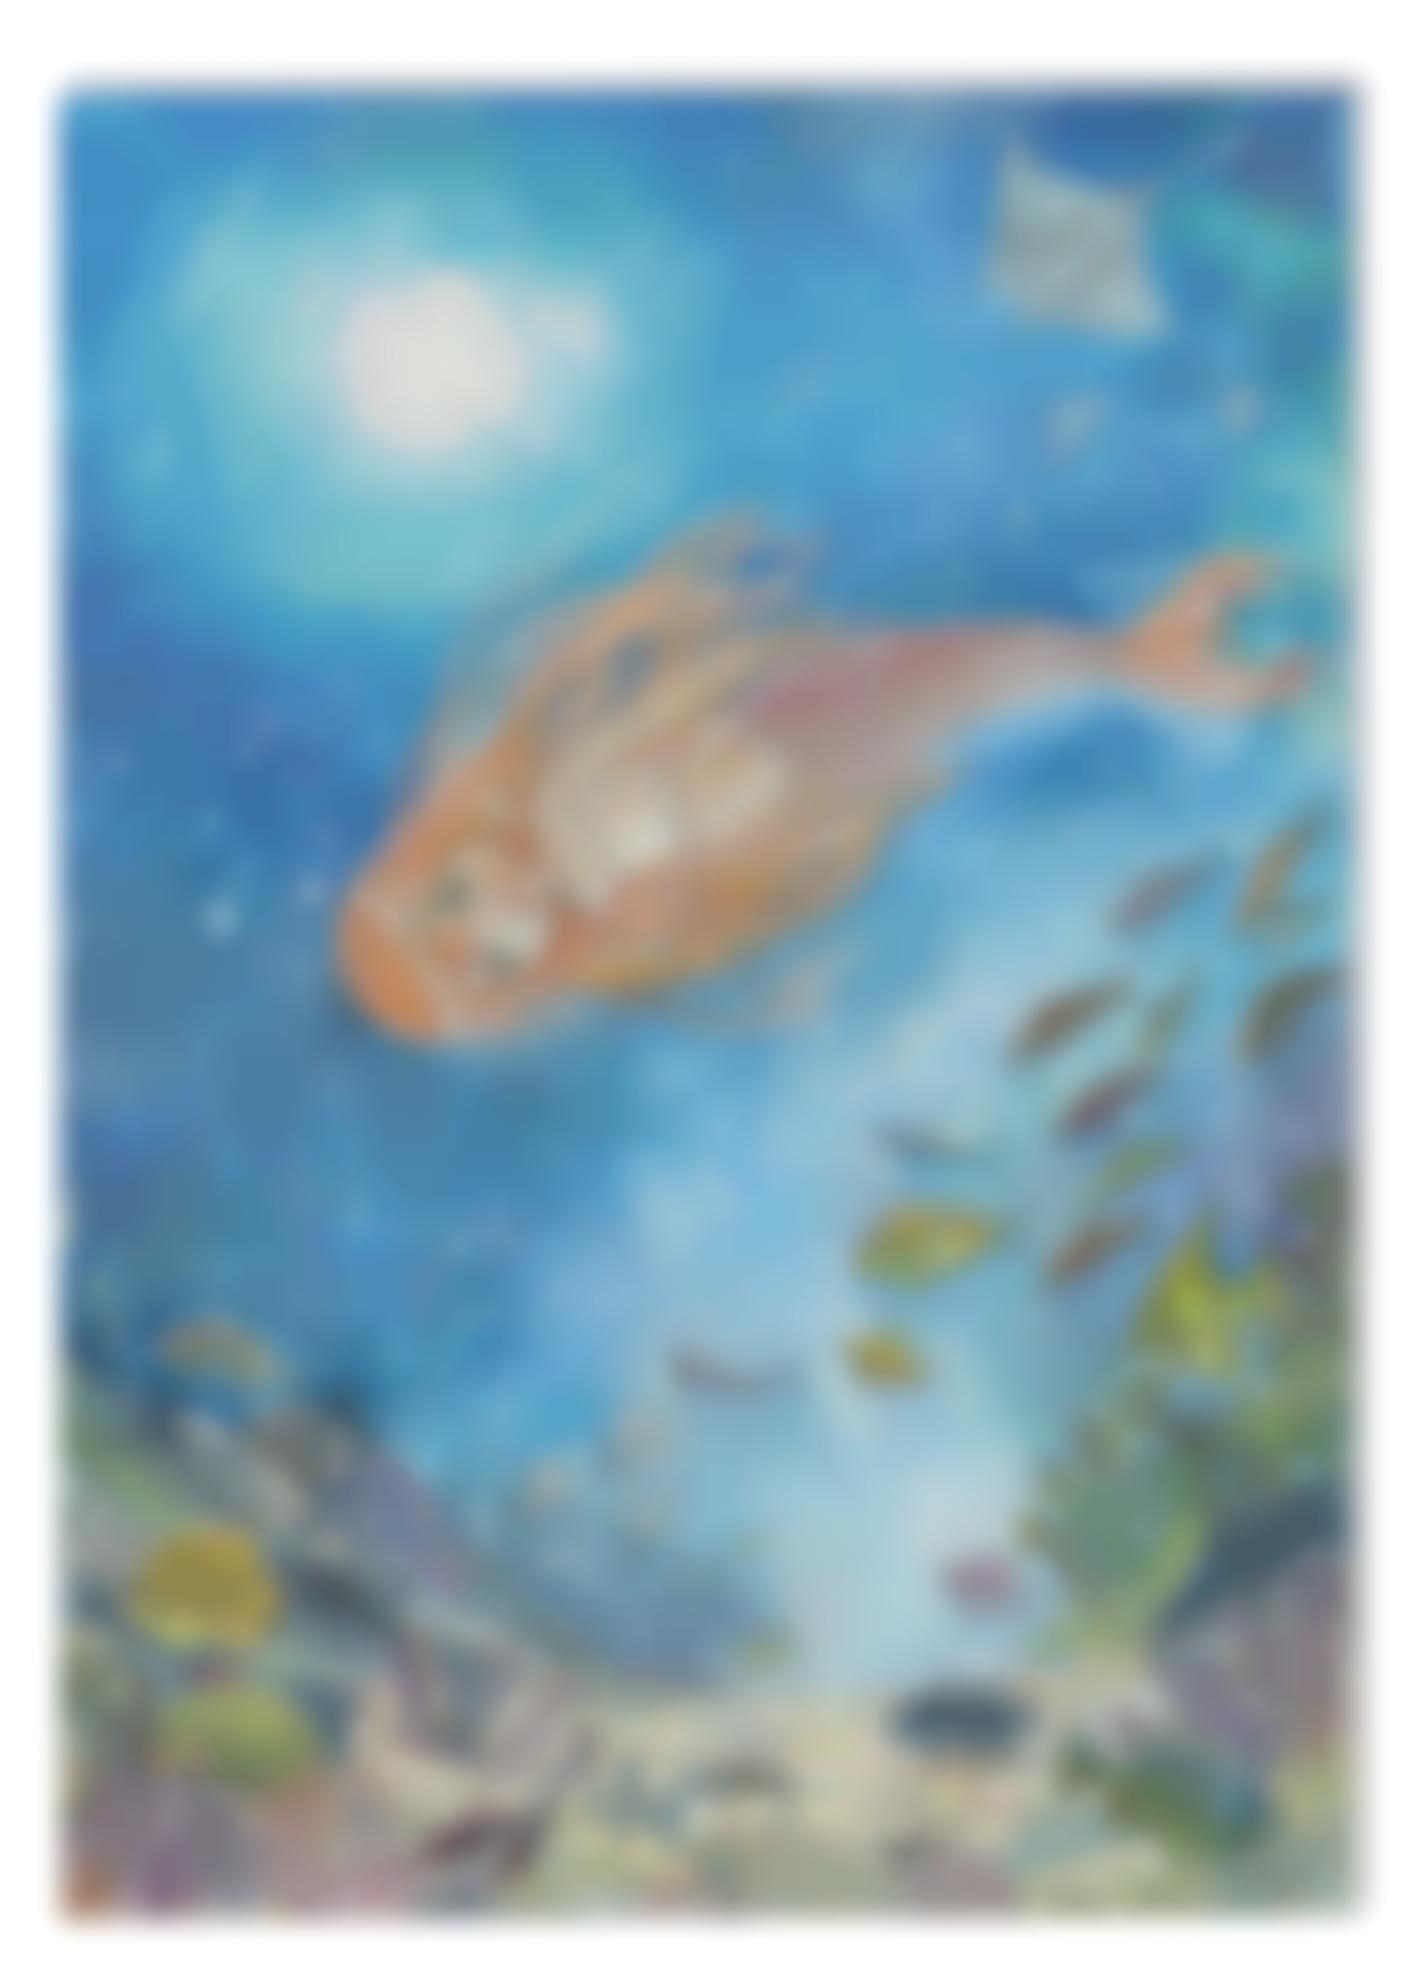 Mr.-The Little Mermaid-2010